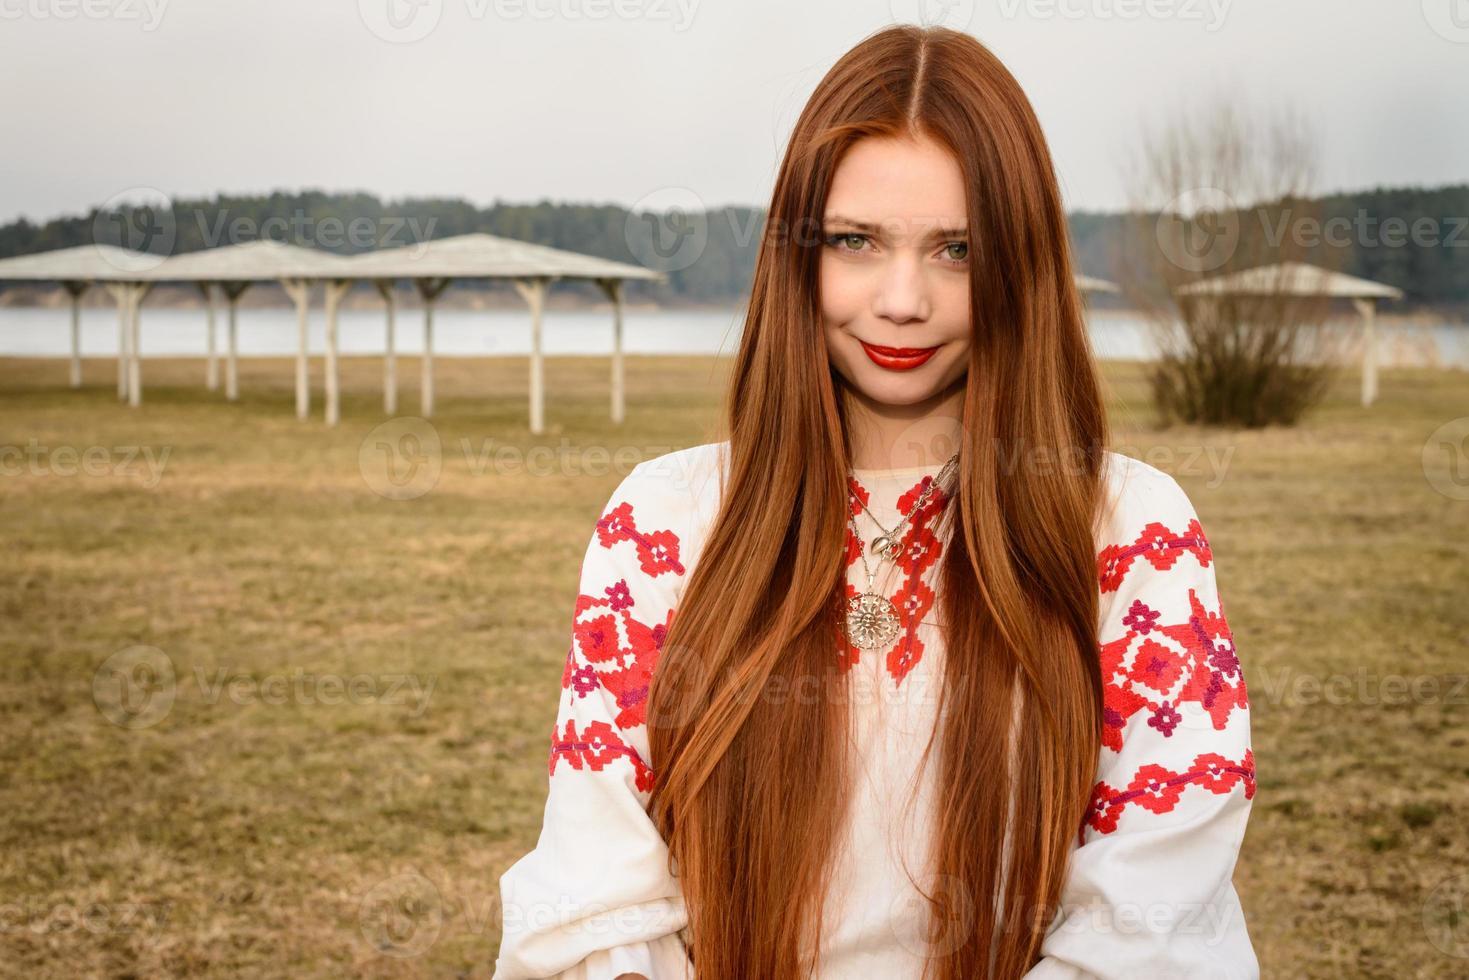 mujer joven en traje original nacional bielorruso eslavo al aire libre foto